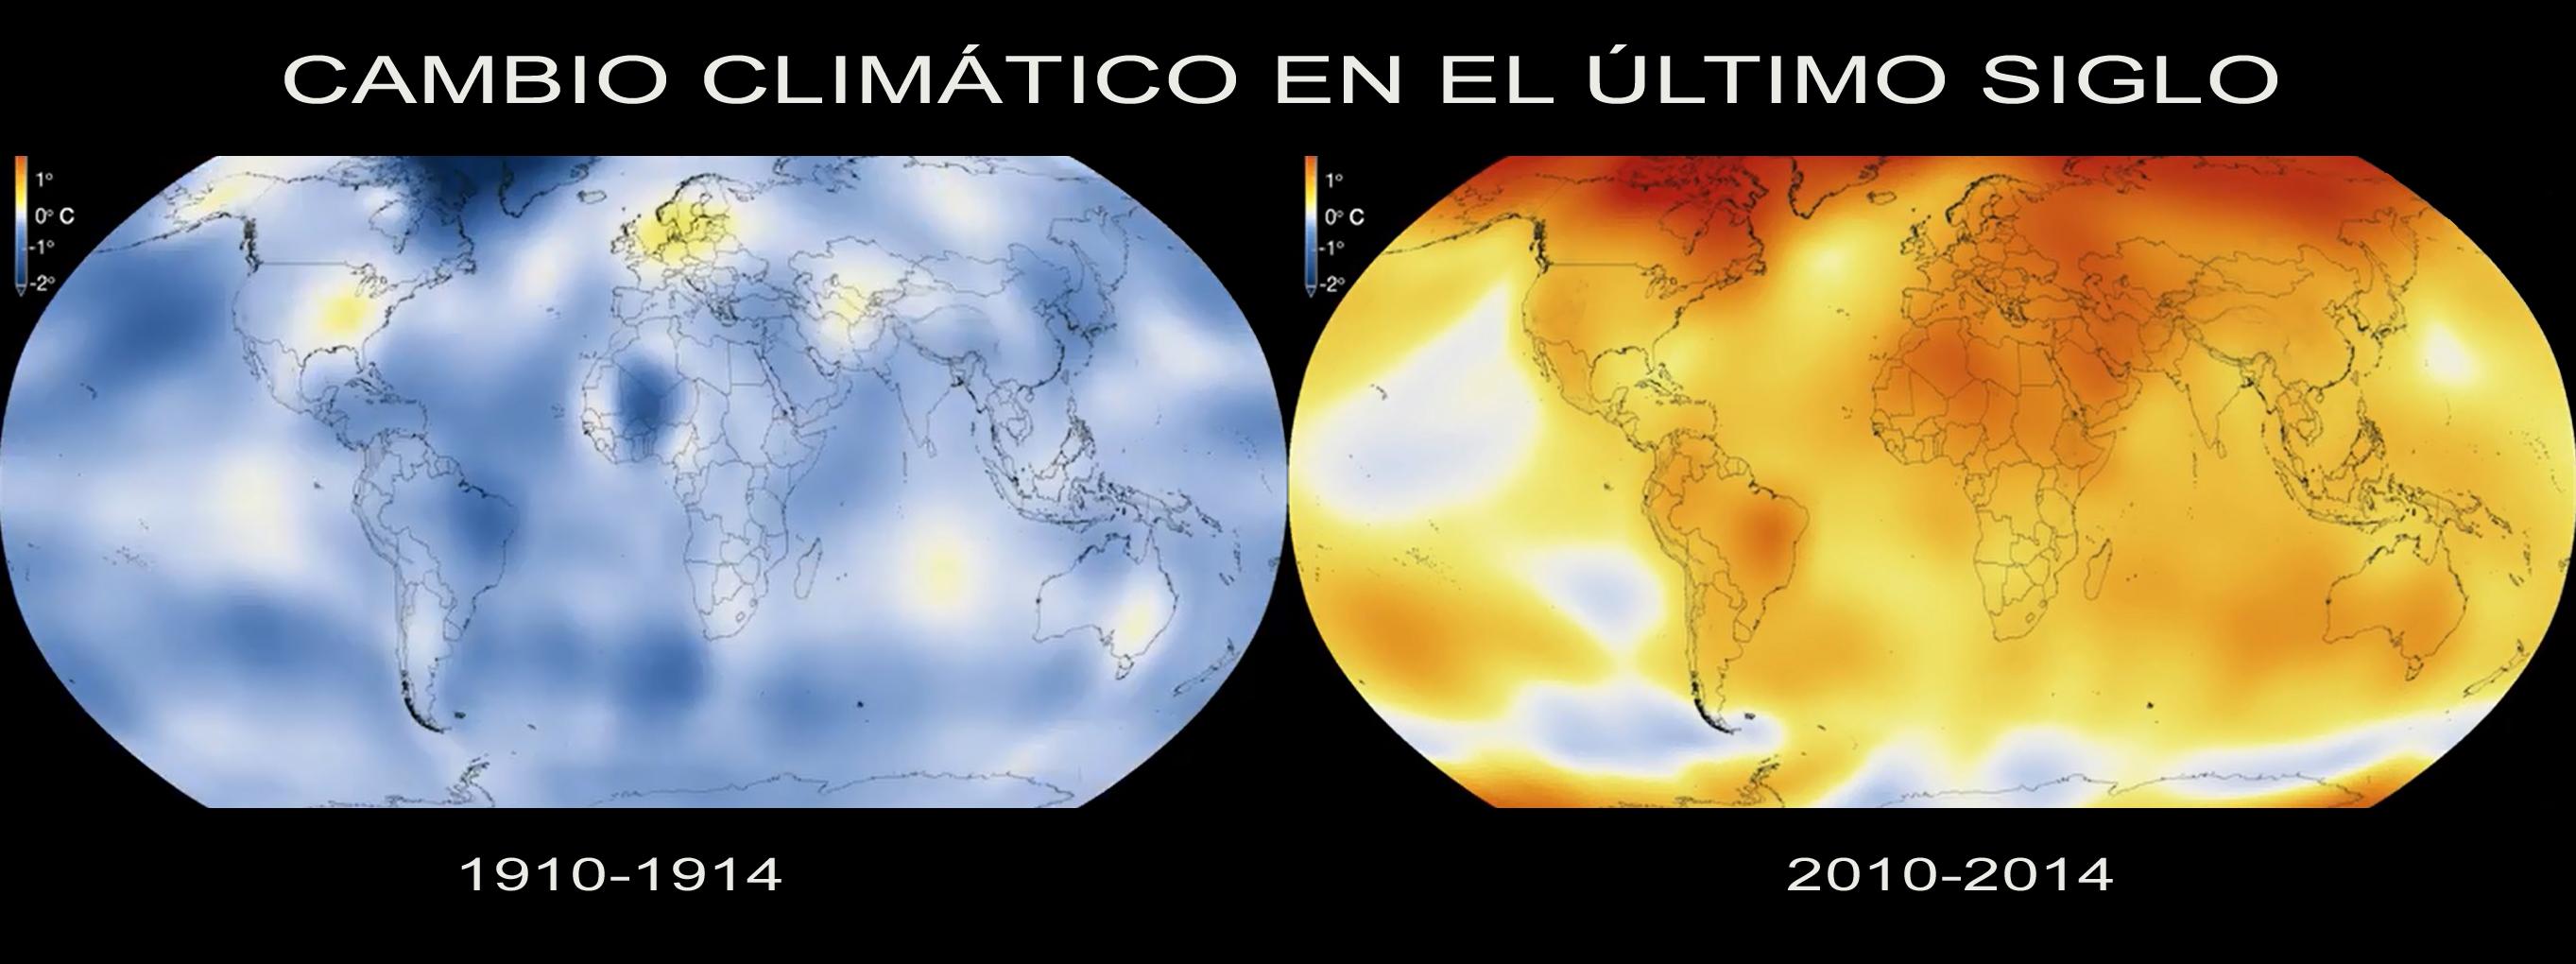 NASA_Cambio_Climatico_Siglo